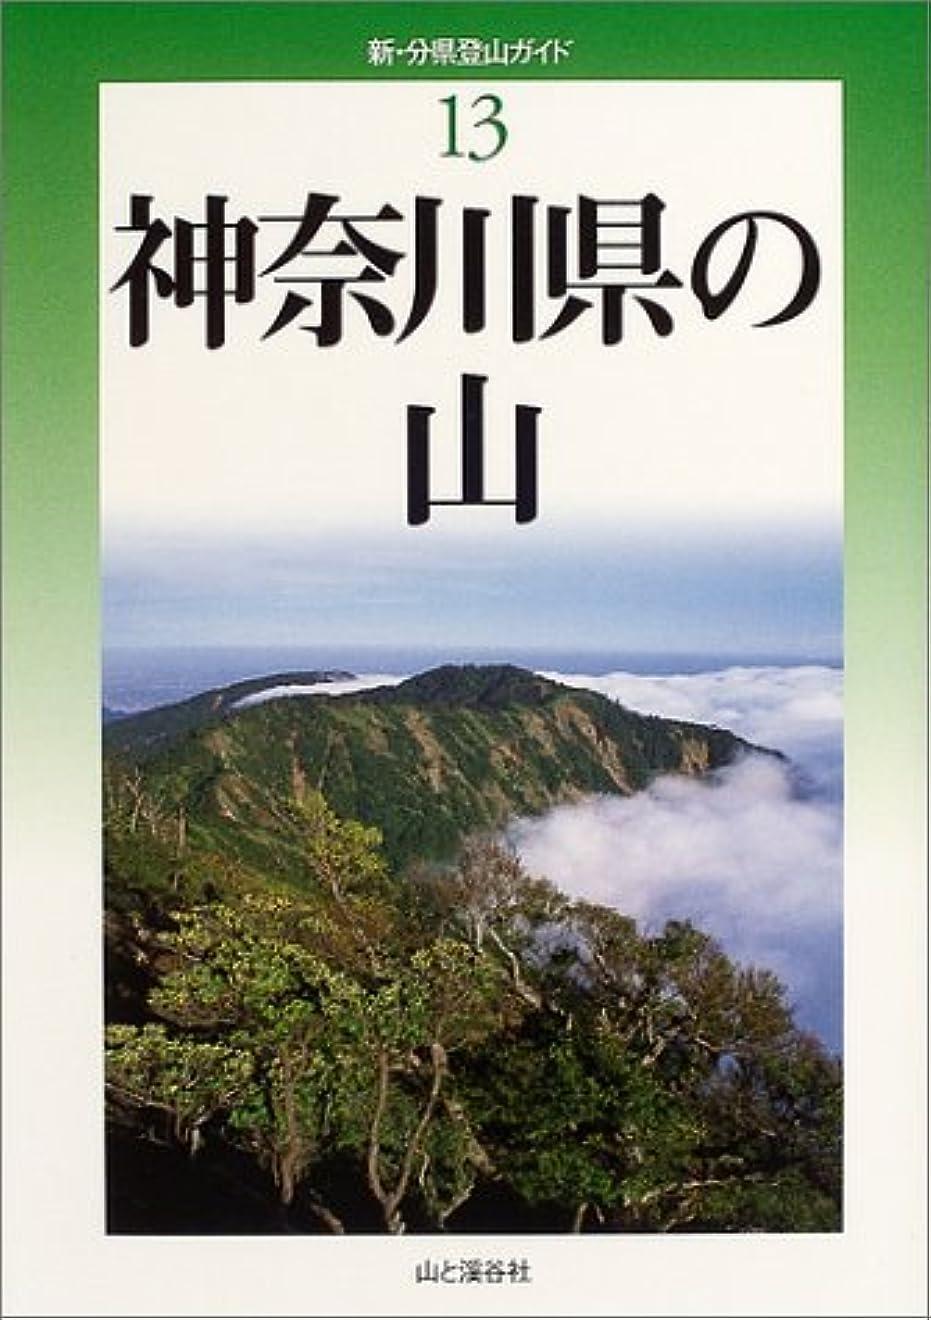 カナダ本体トースト神奈川県の山 (新?分県登山ガイド)